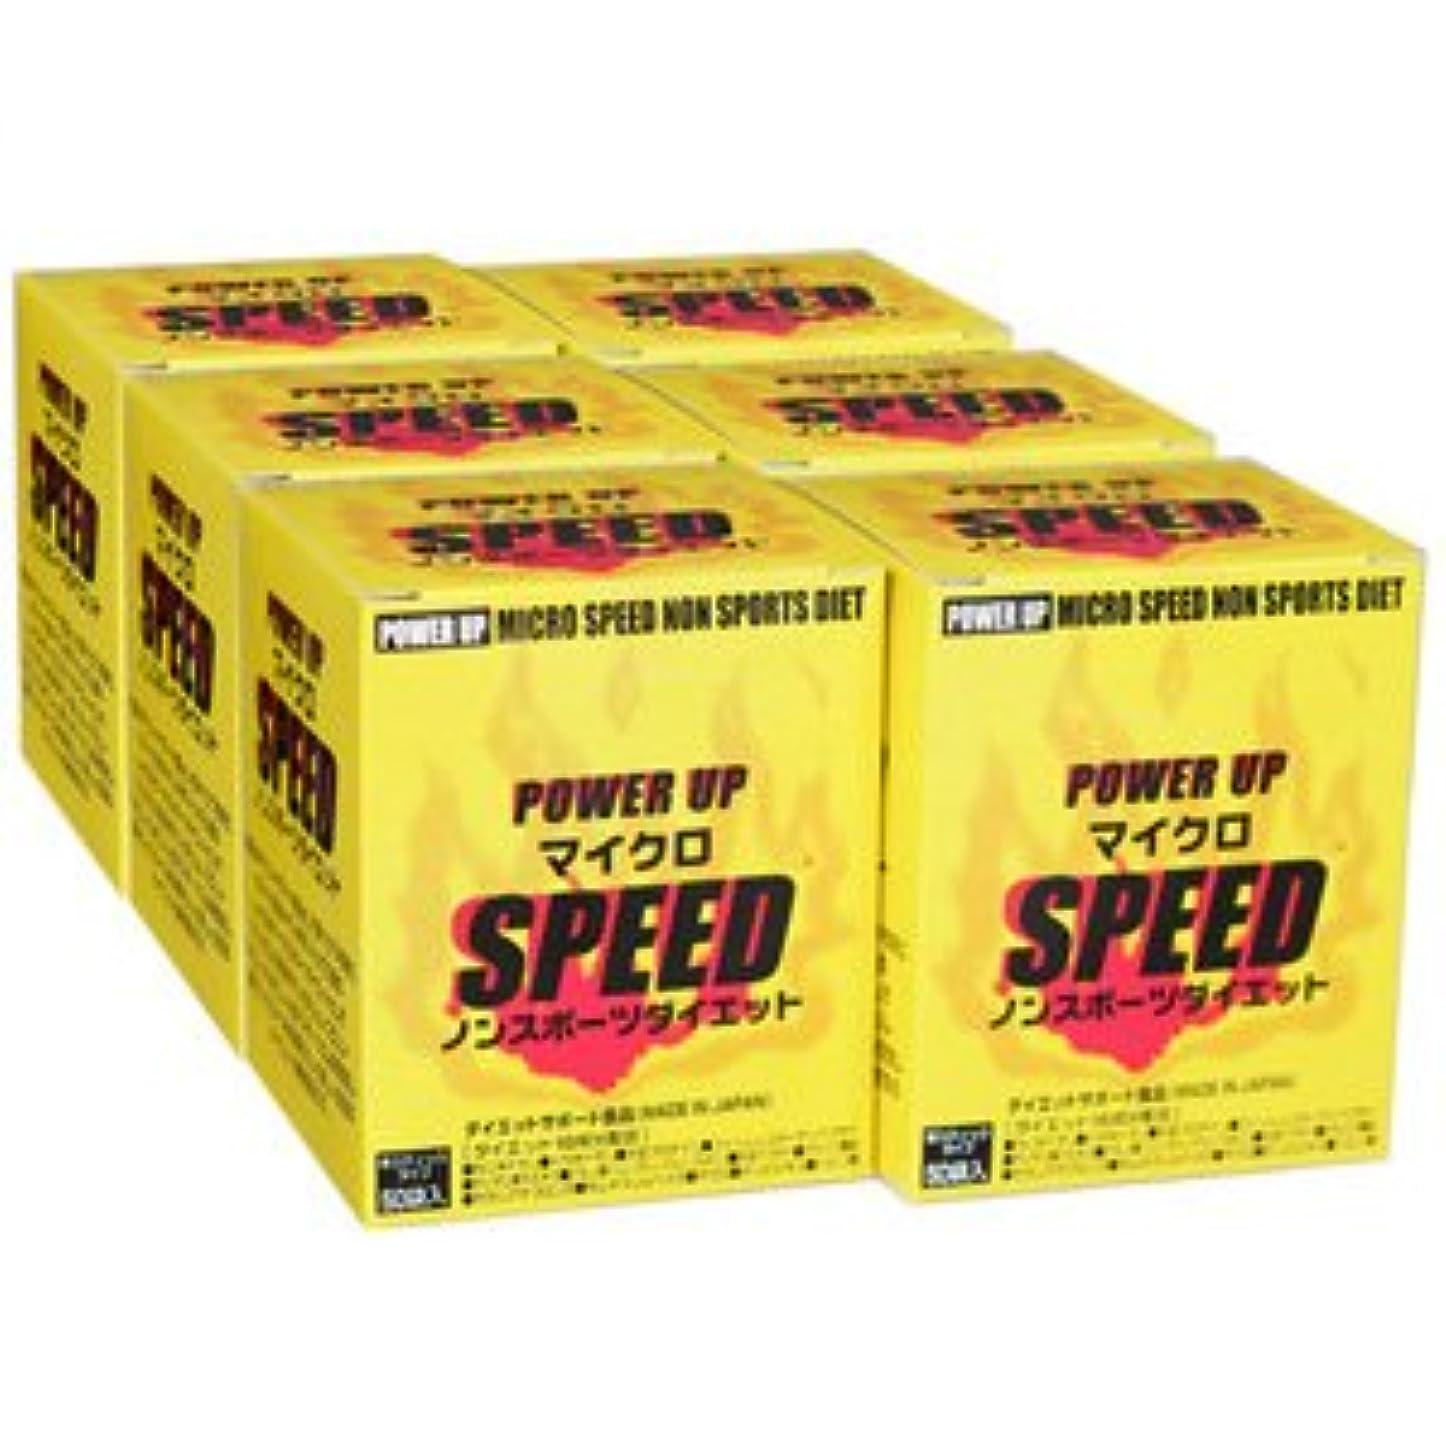 公然と命令酸素マイクロスピードノンスポーツダイエット 6箱